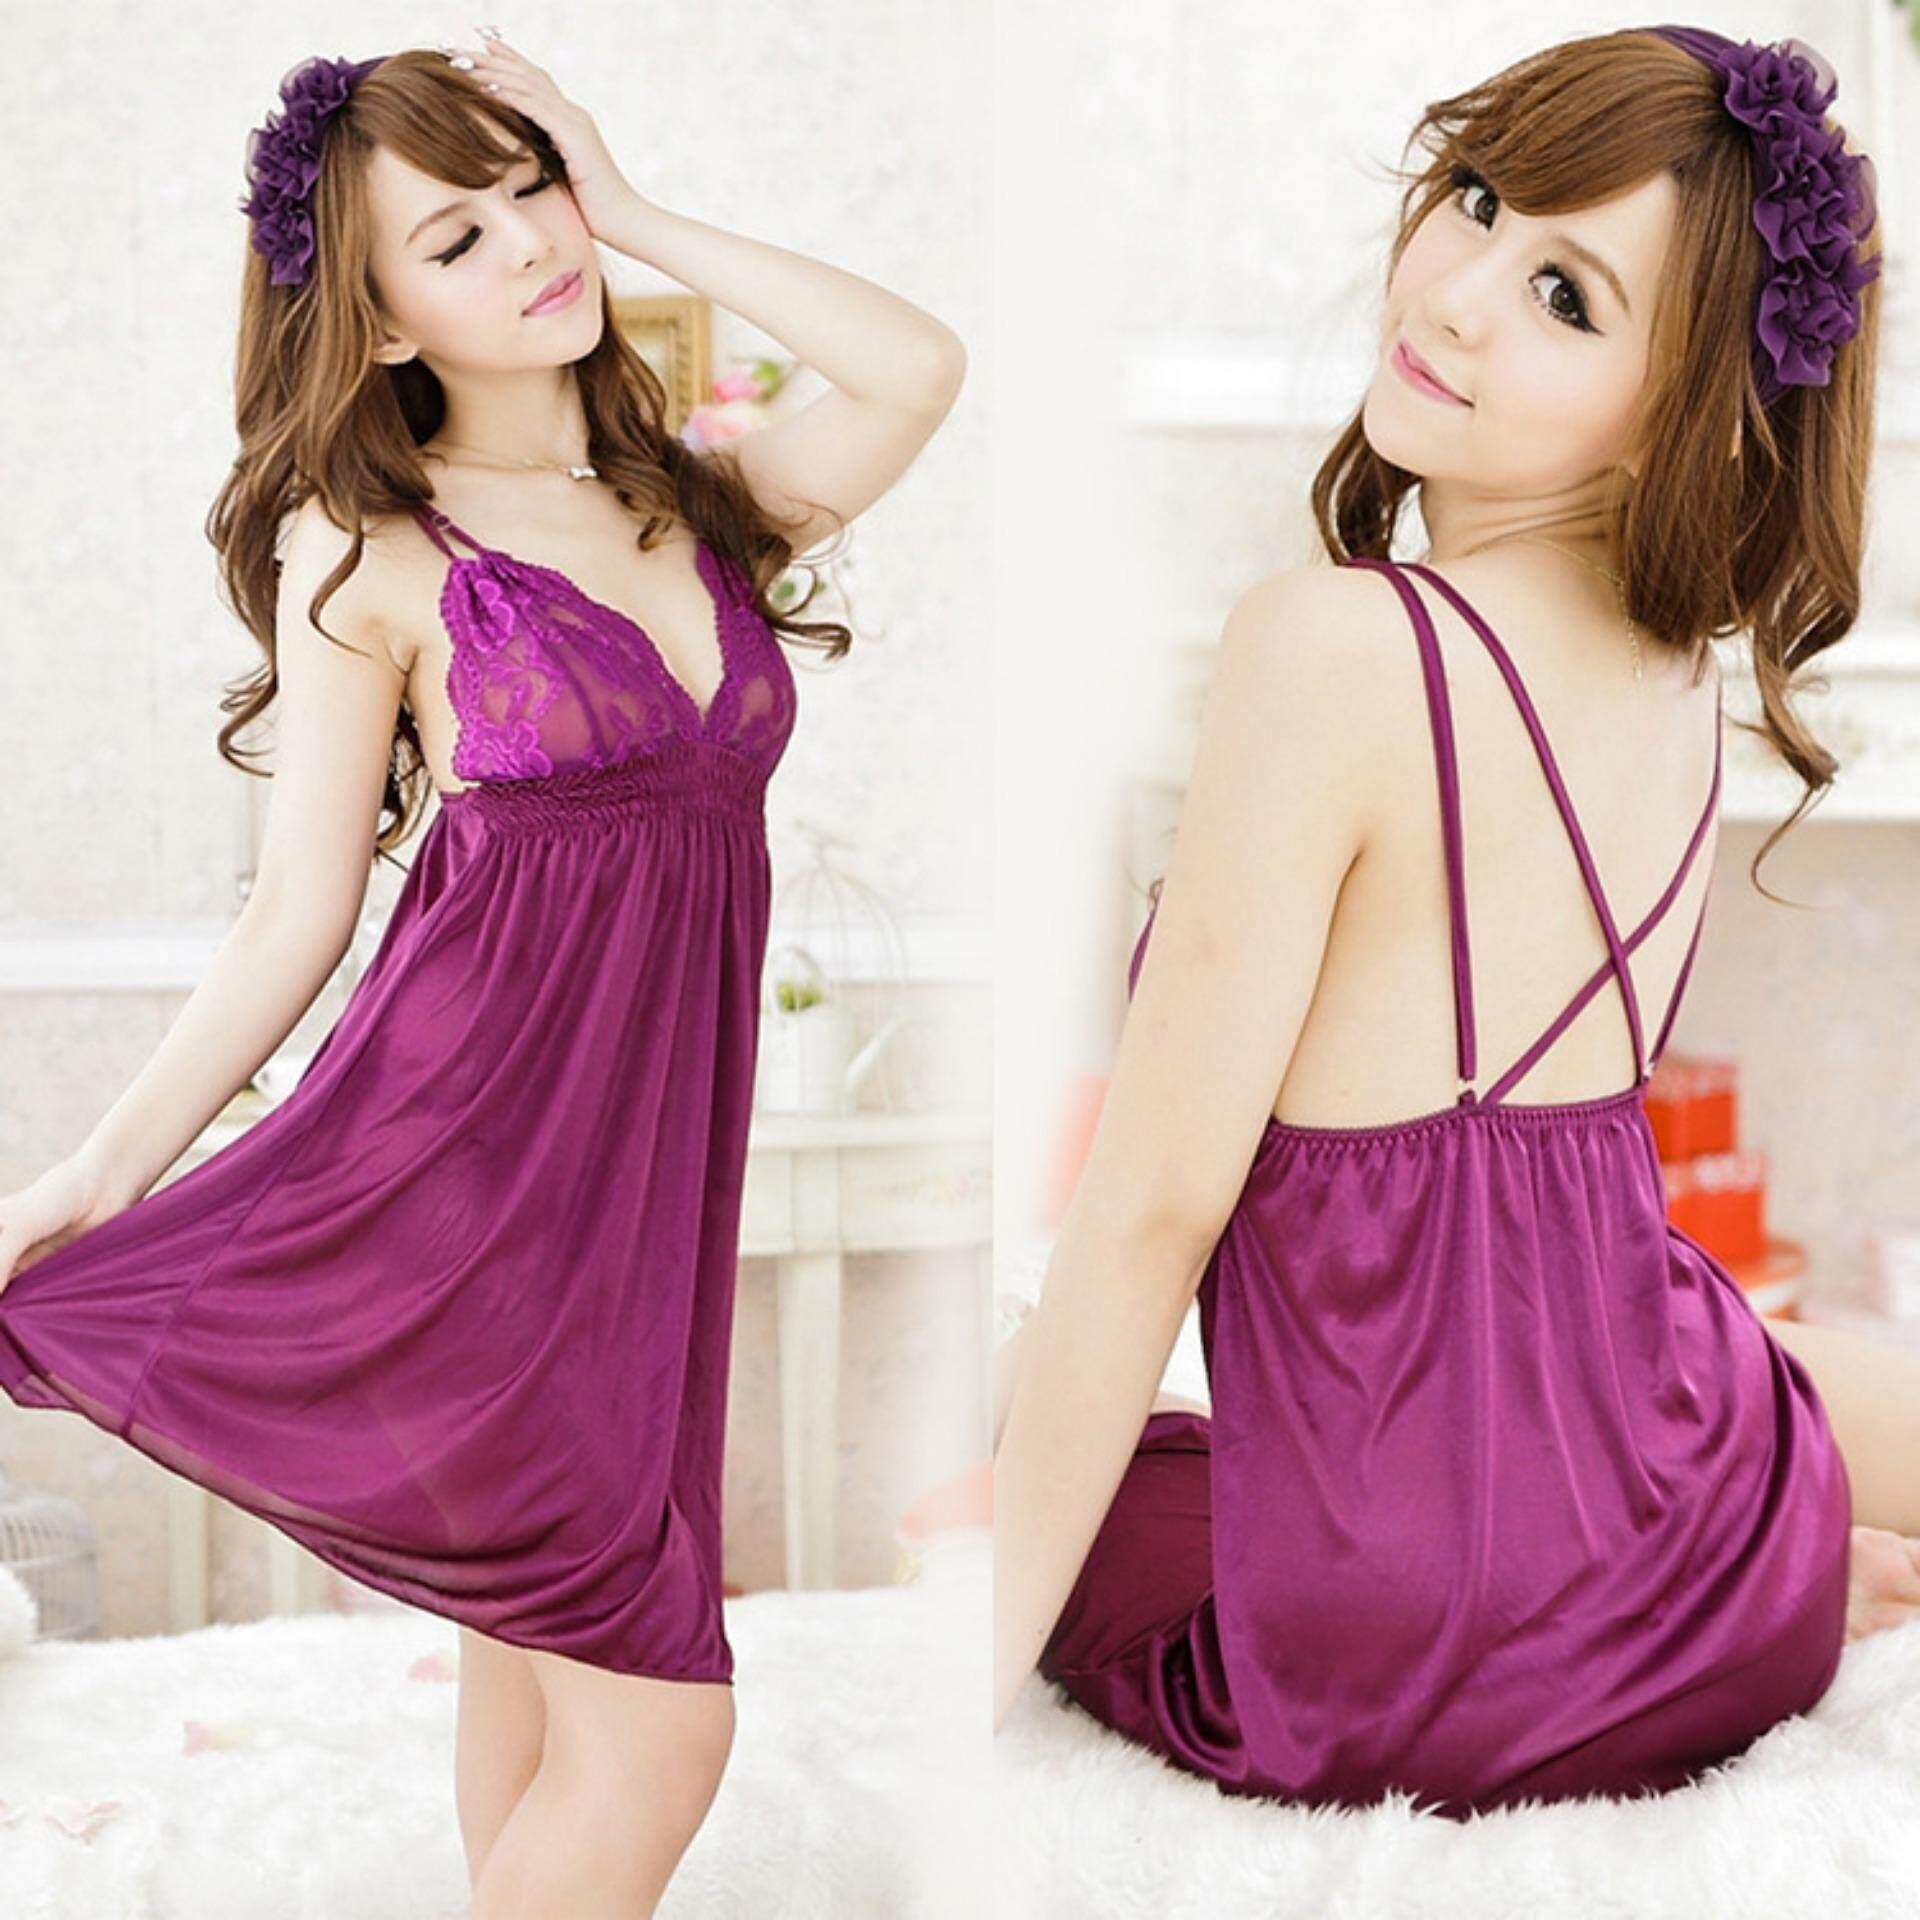 ec7c54aba Bolster Store Women Sexy Lingerie Lace V Deep Sleepwear Dress FREE G String  ( Purple )